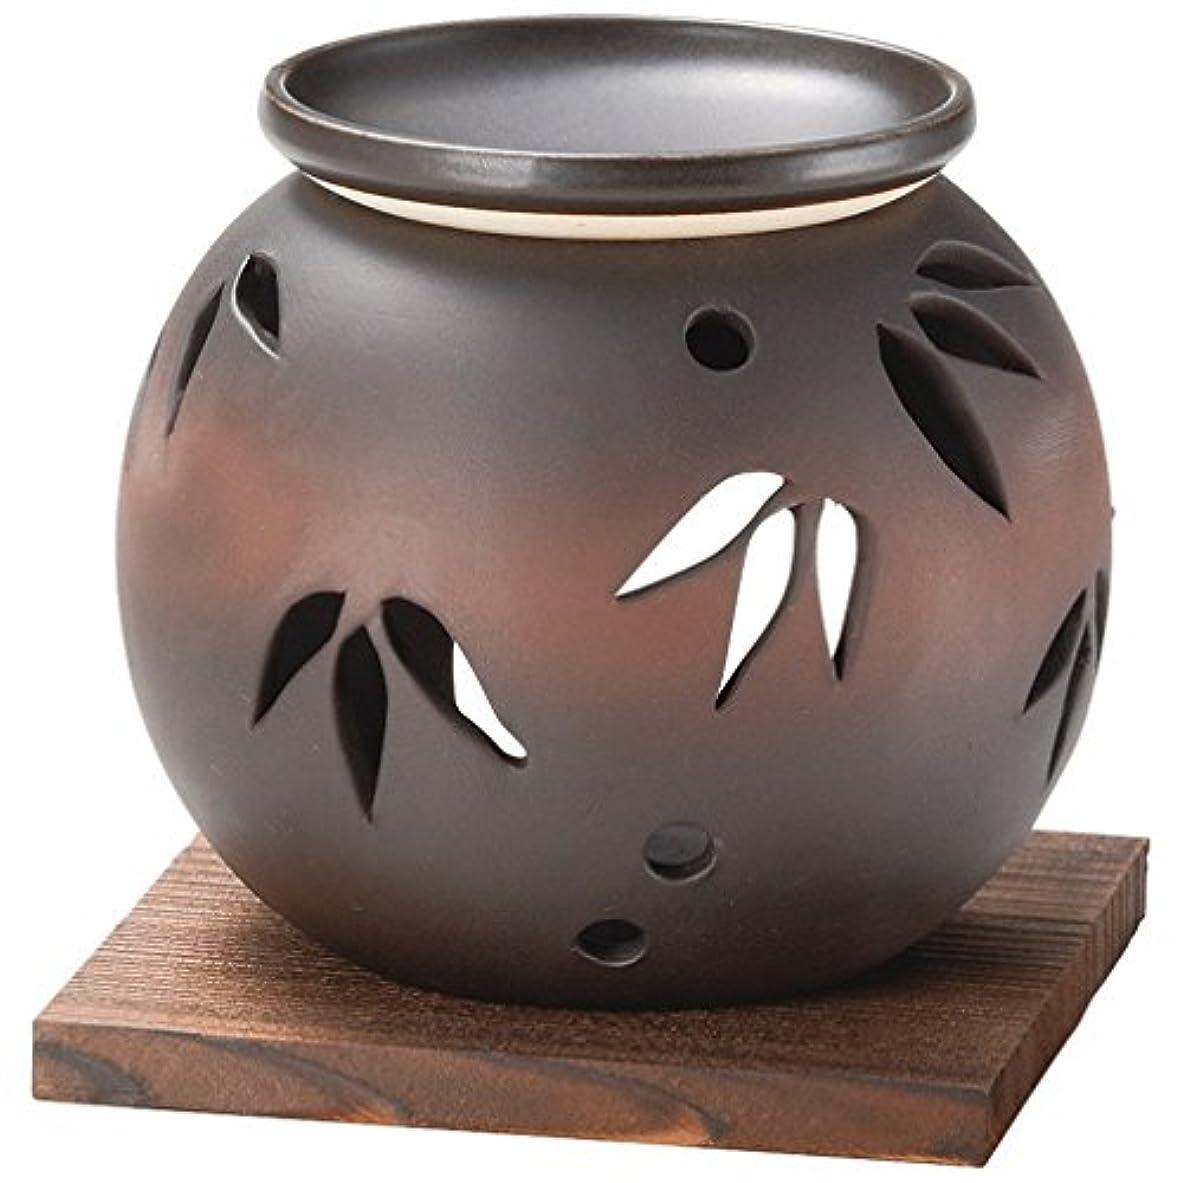 強制的医師ラボ山下工芸 常滑焼 茶窯変笹透かし茶香炉 11×11.5×11.5cm 13045620